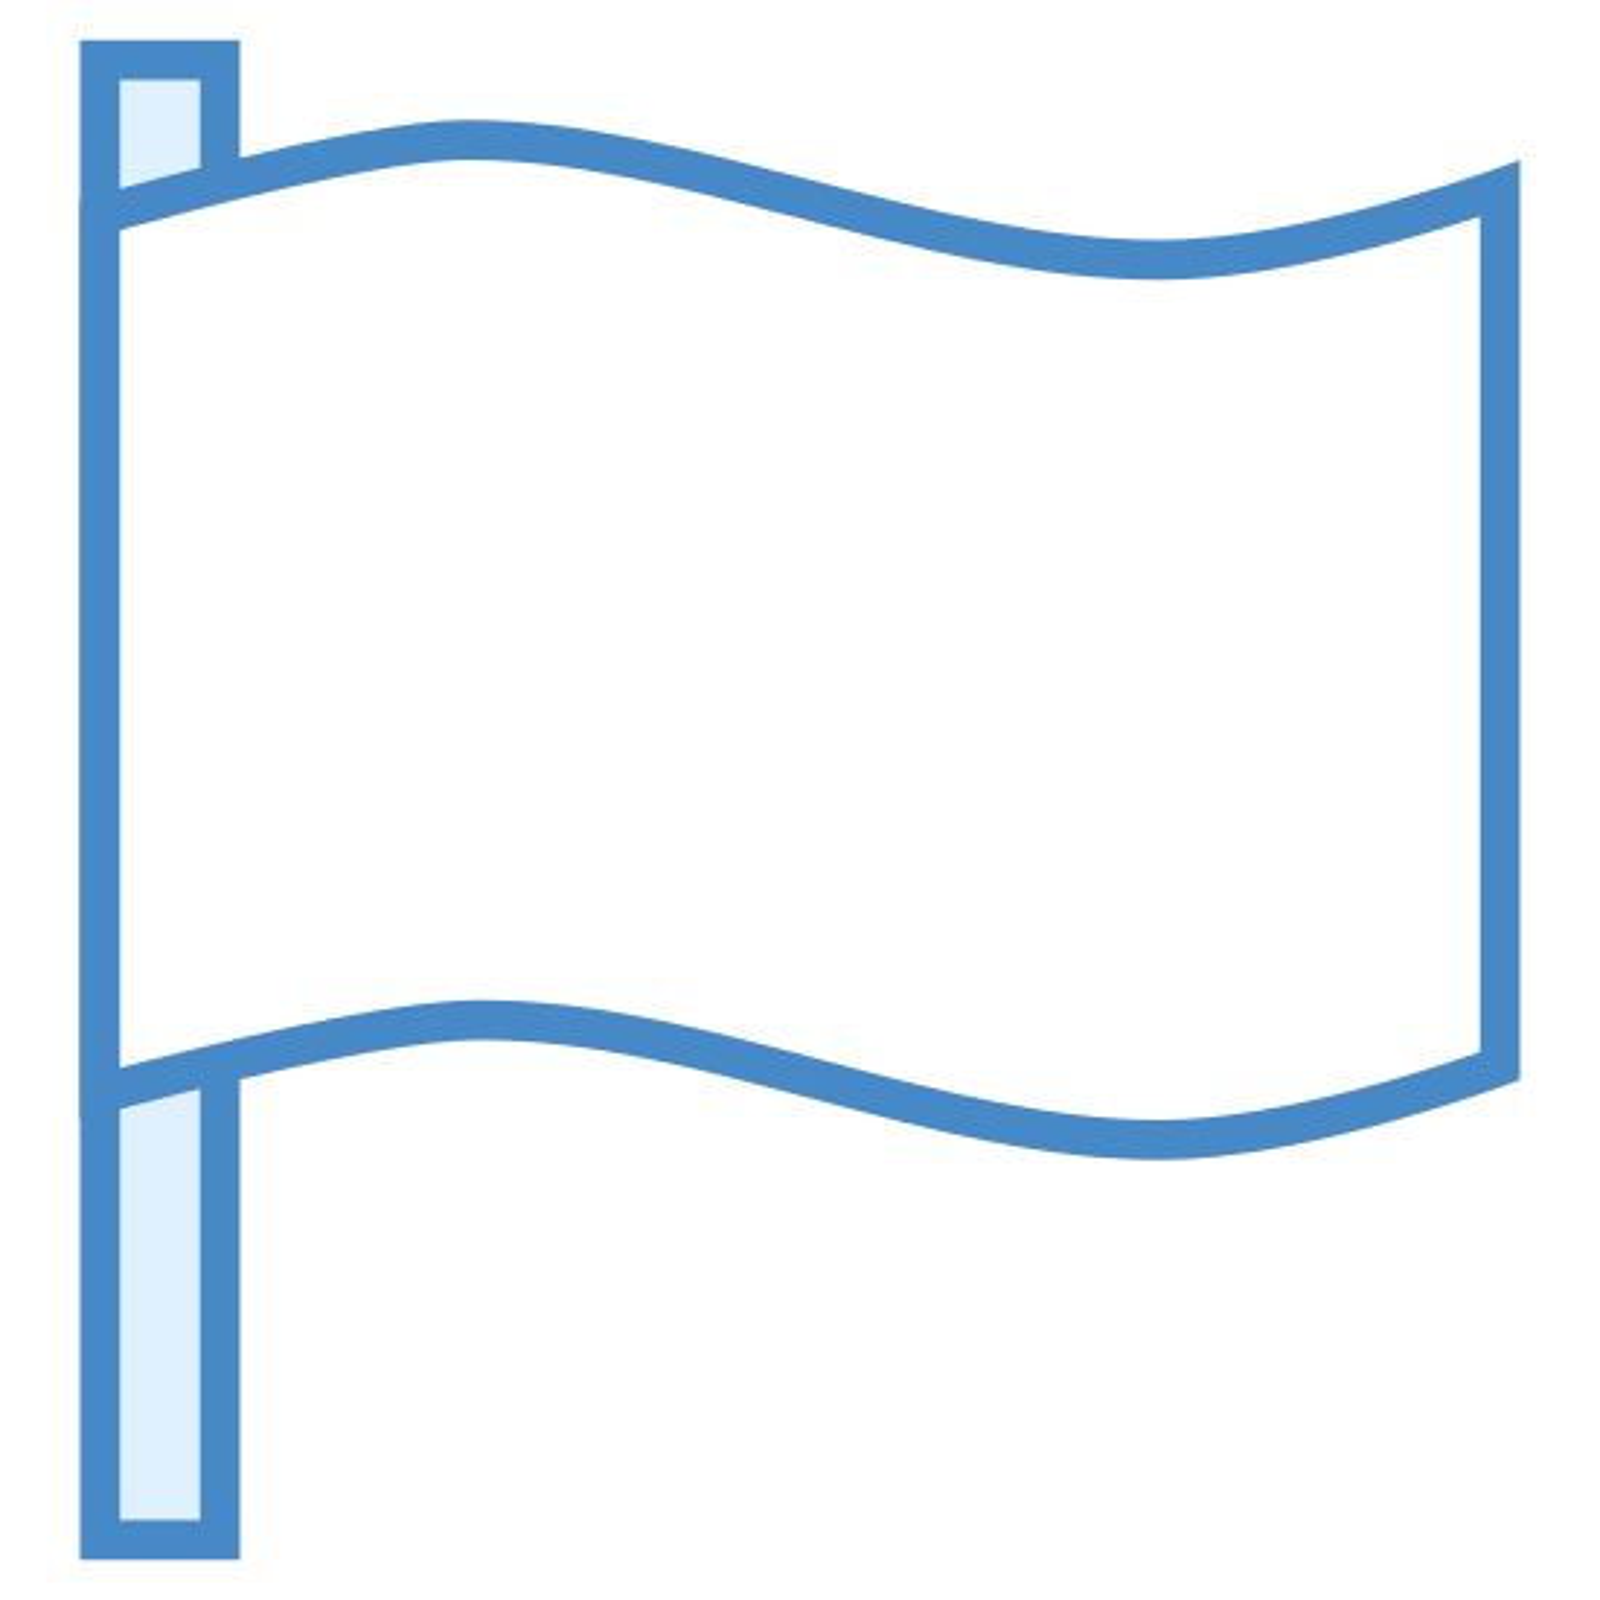 Flaga 2 icon